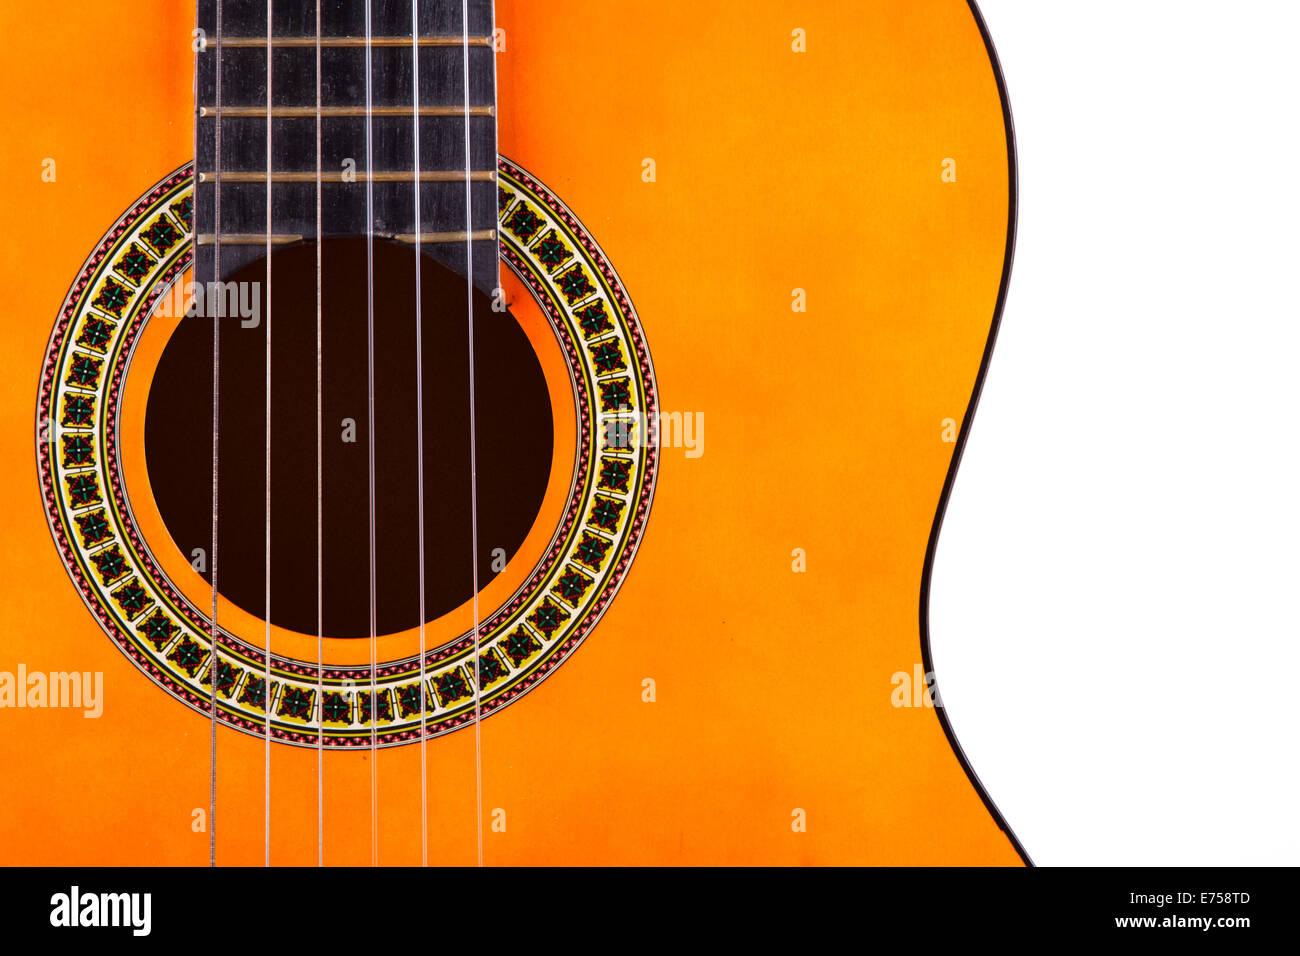 Vue de face de la guitare acoustique classique en bois, isolé sur fond blanc. Banque D'Images